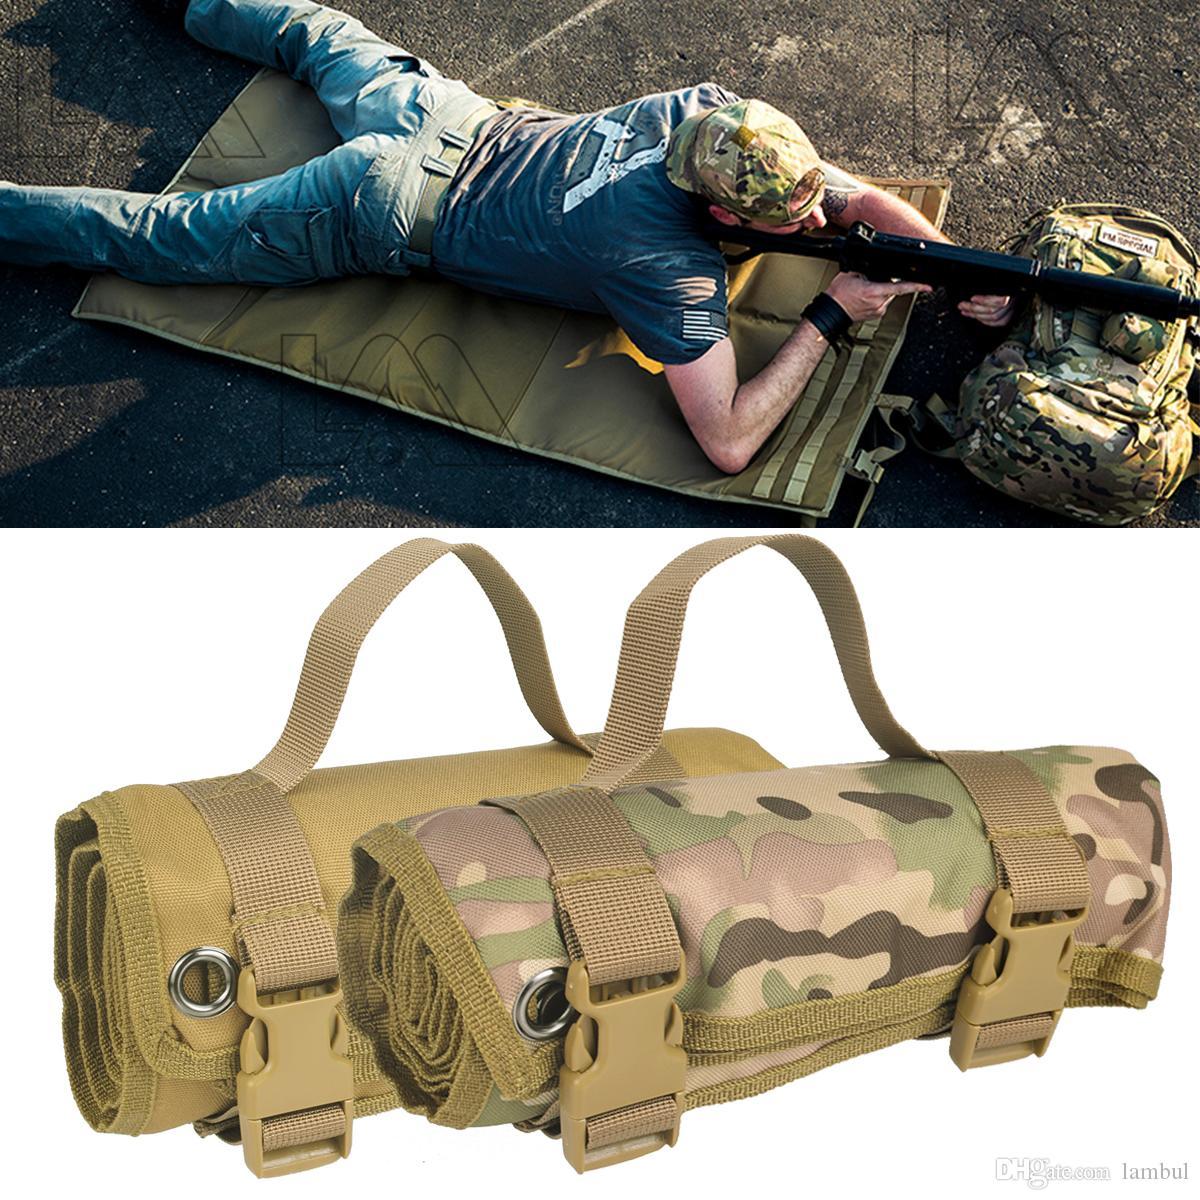 acheter tapis de prise de vue tactique de prise de vue enroulement leger a rouleau non rembourre accessoires de chasse tapis de nettoyage pour fusil